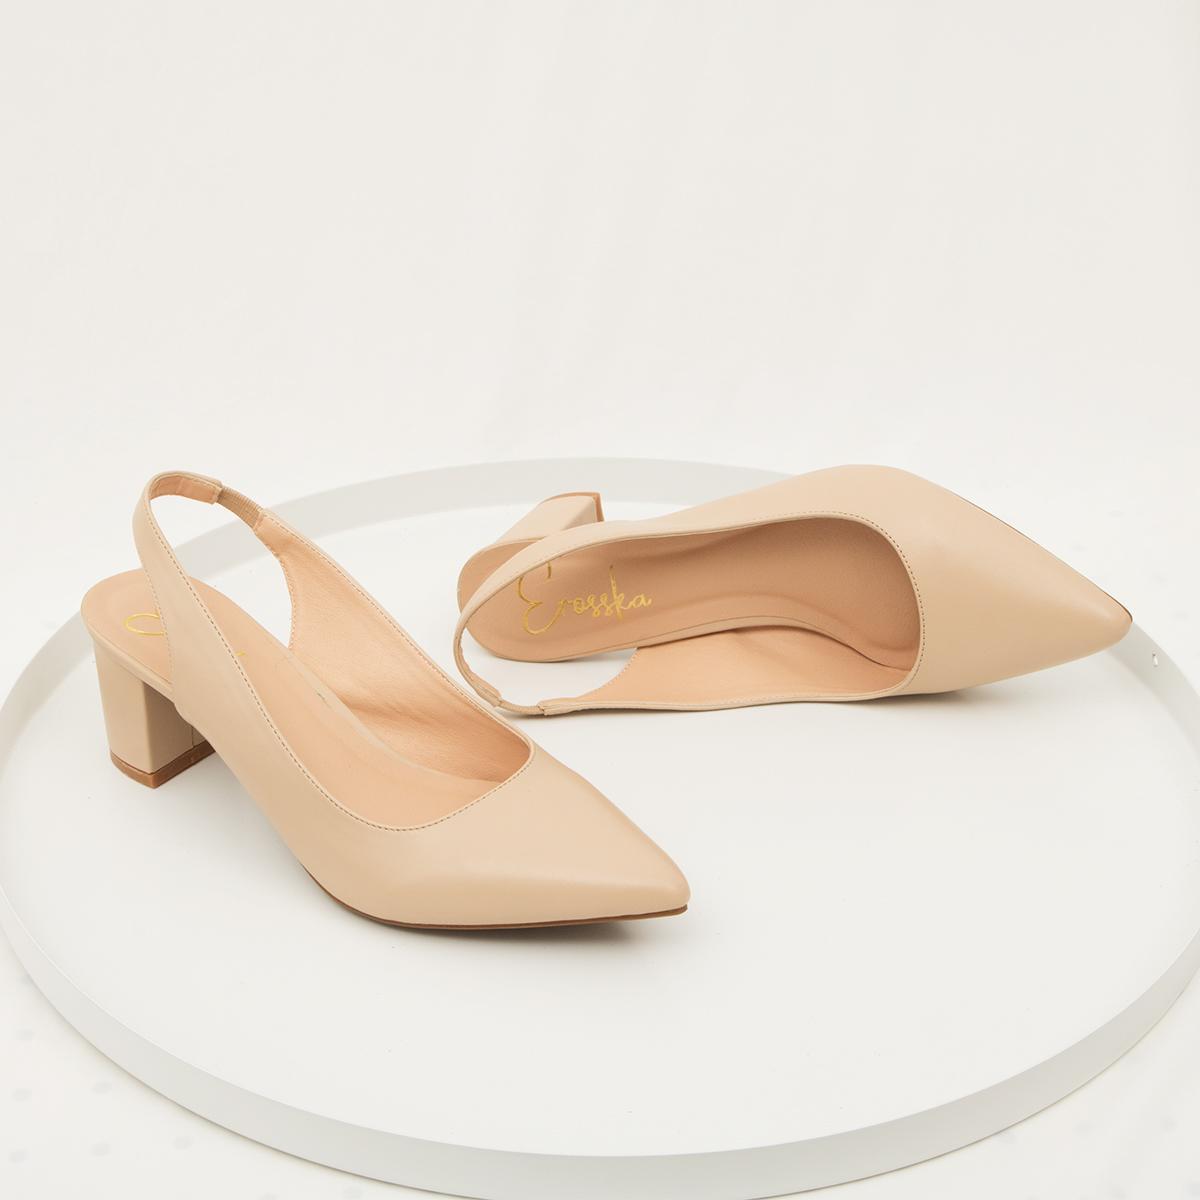 Giày nữ, giày cao gót slingback hở gót, bít mũi thời trang nữ kiểu dáng basic _ EH015 (WH)